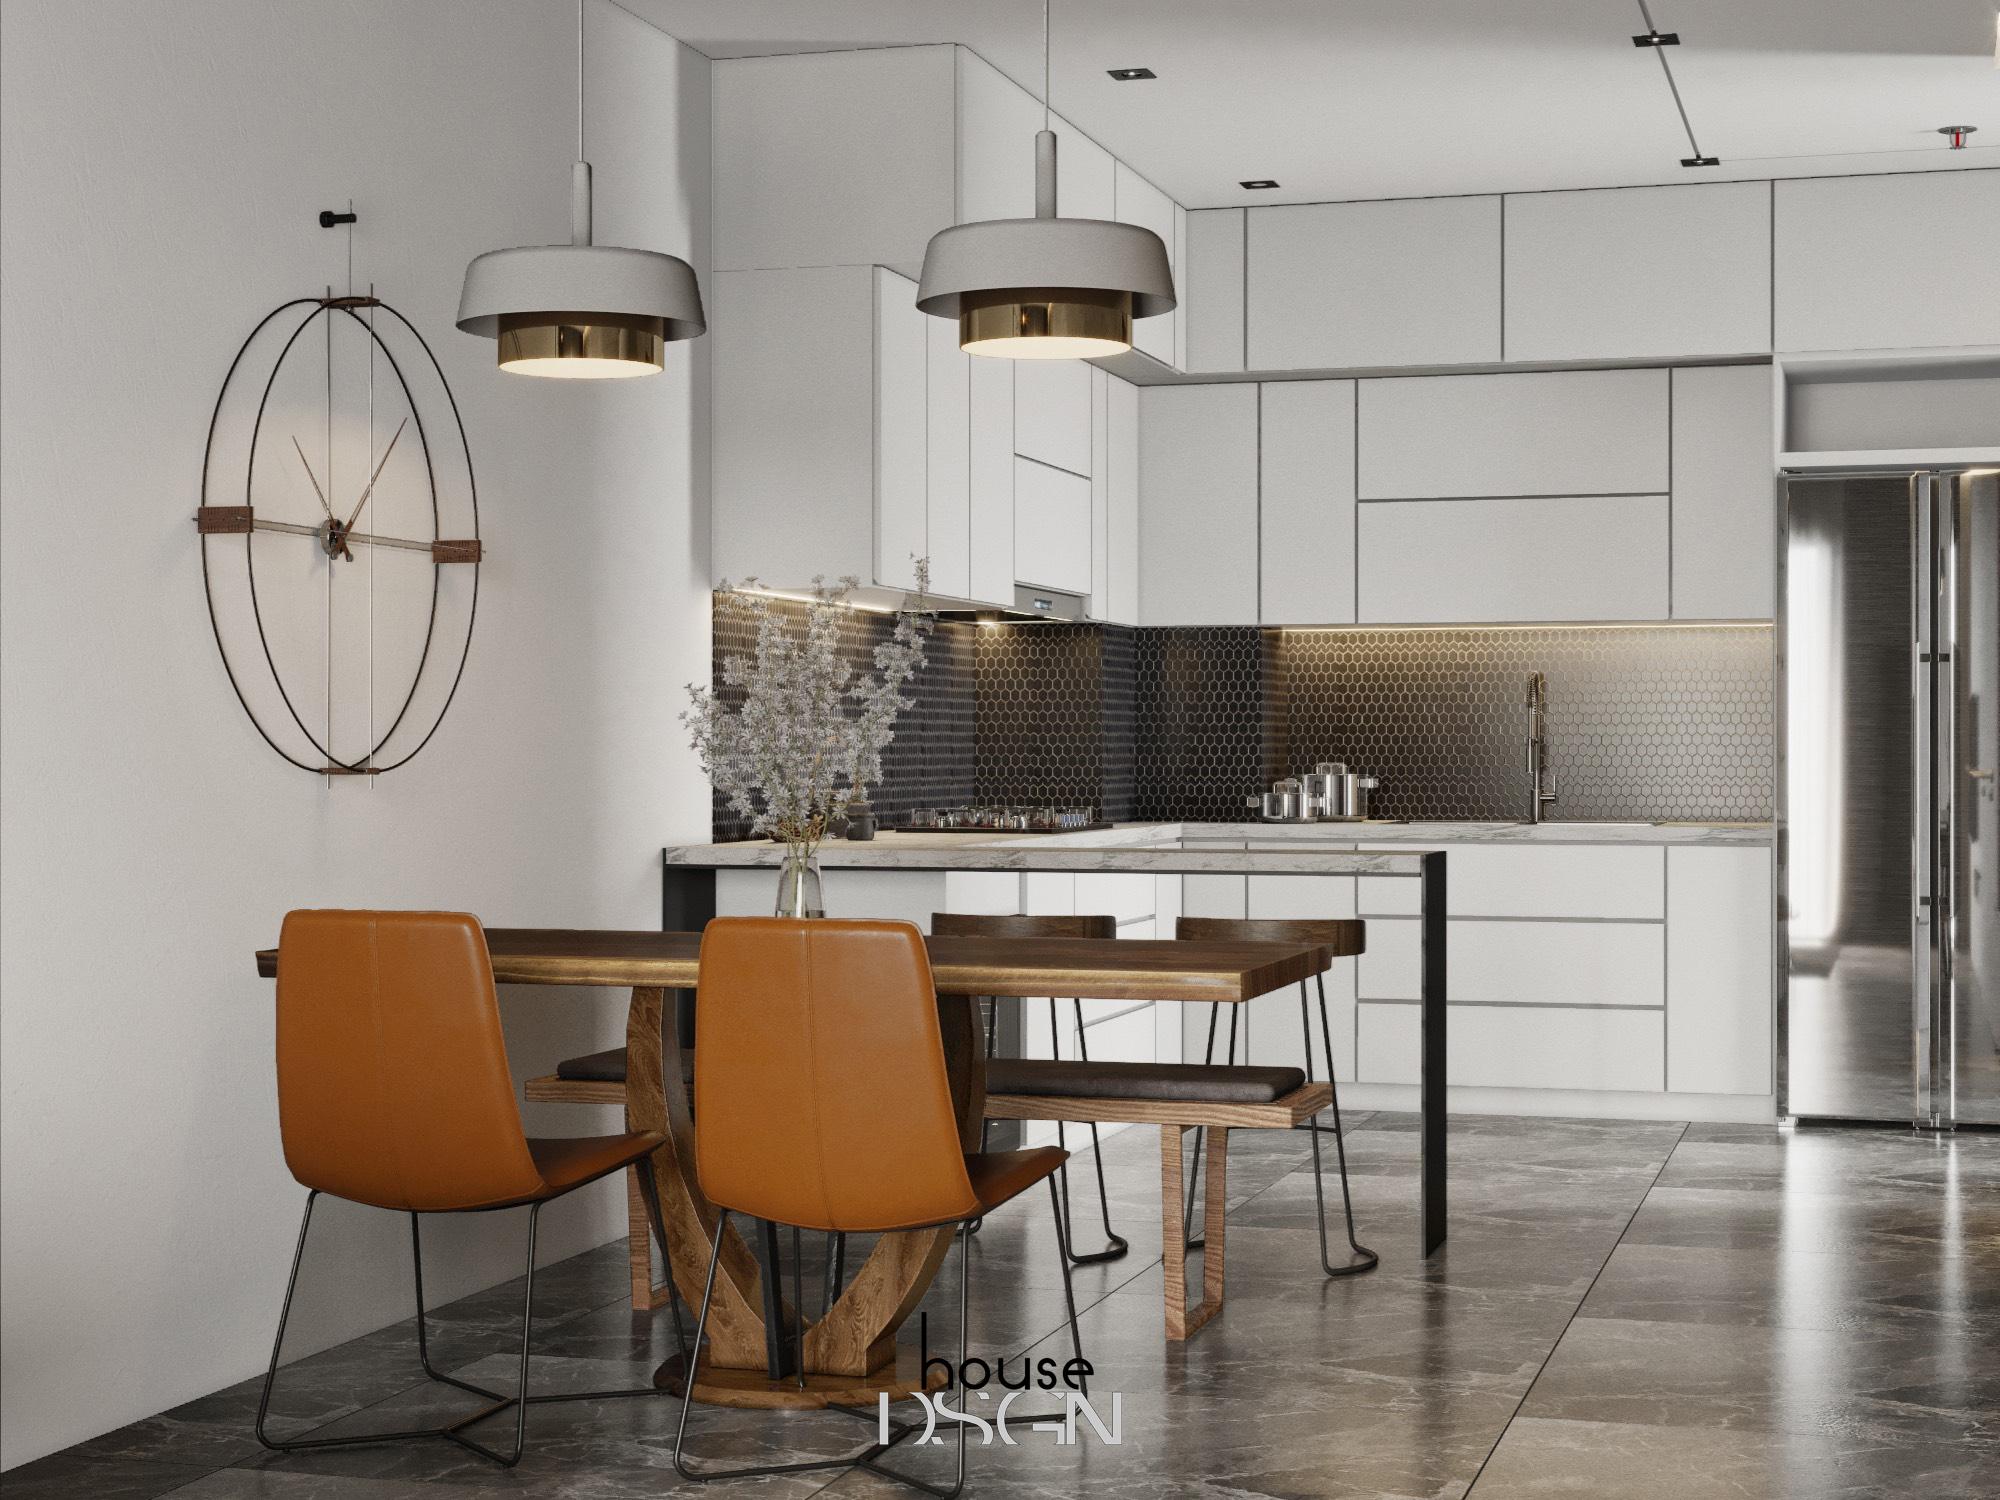 60m2 apartment interior